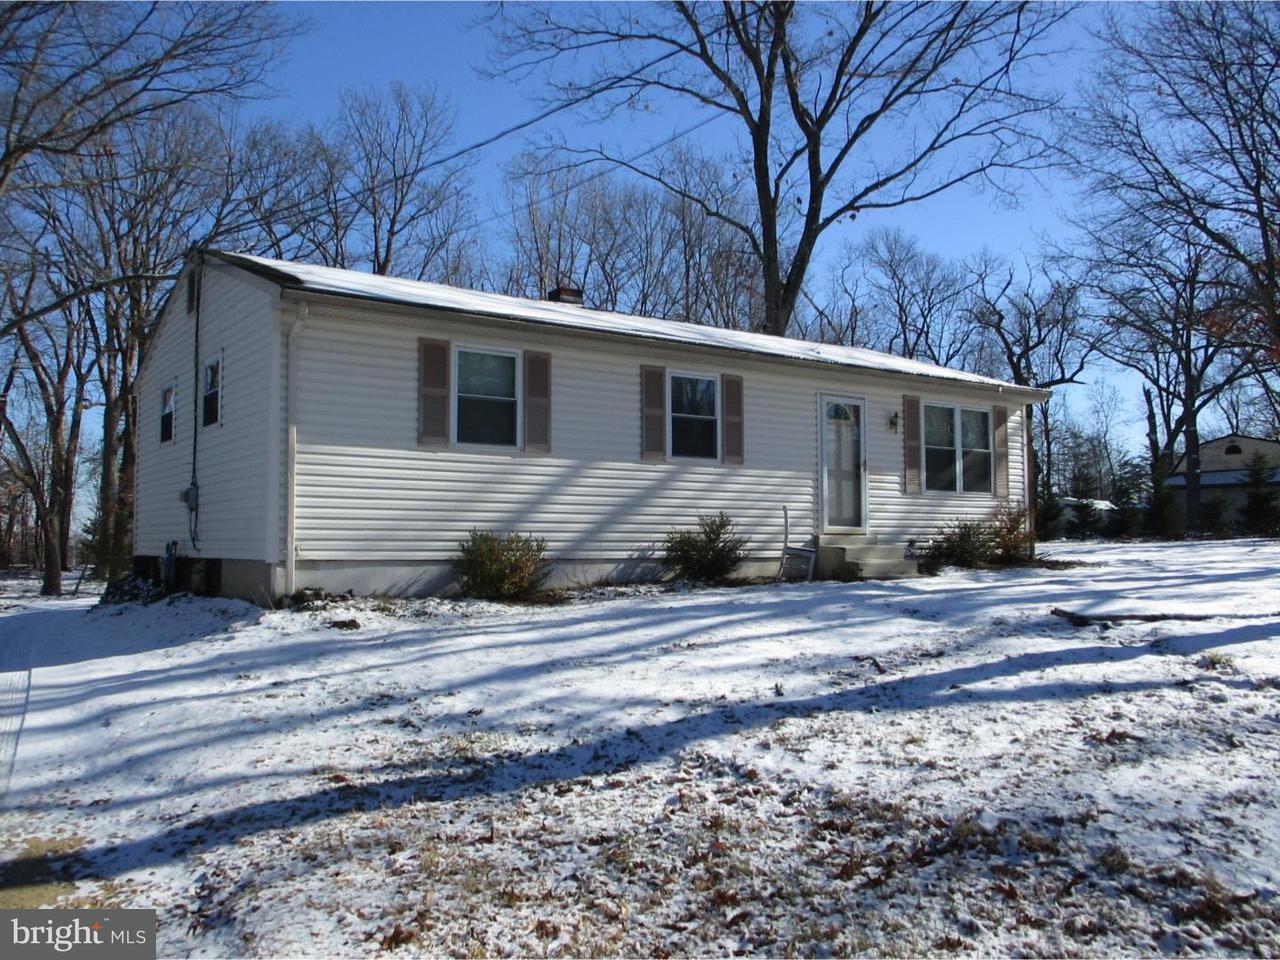 Частный односемейный дом для того Аренда на 537 MAIN Street Sewell, Нью-Джерси 08080 Соединенные Штаты